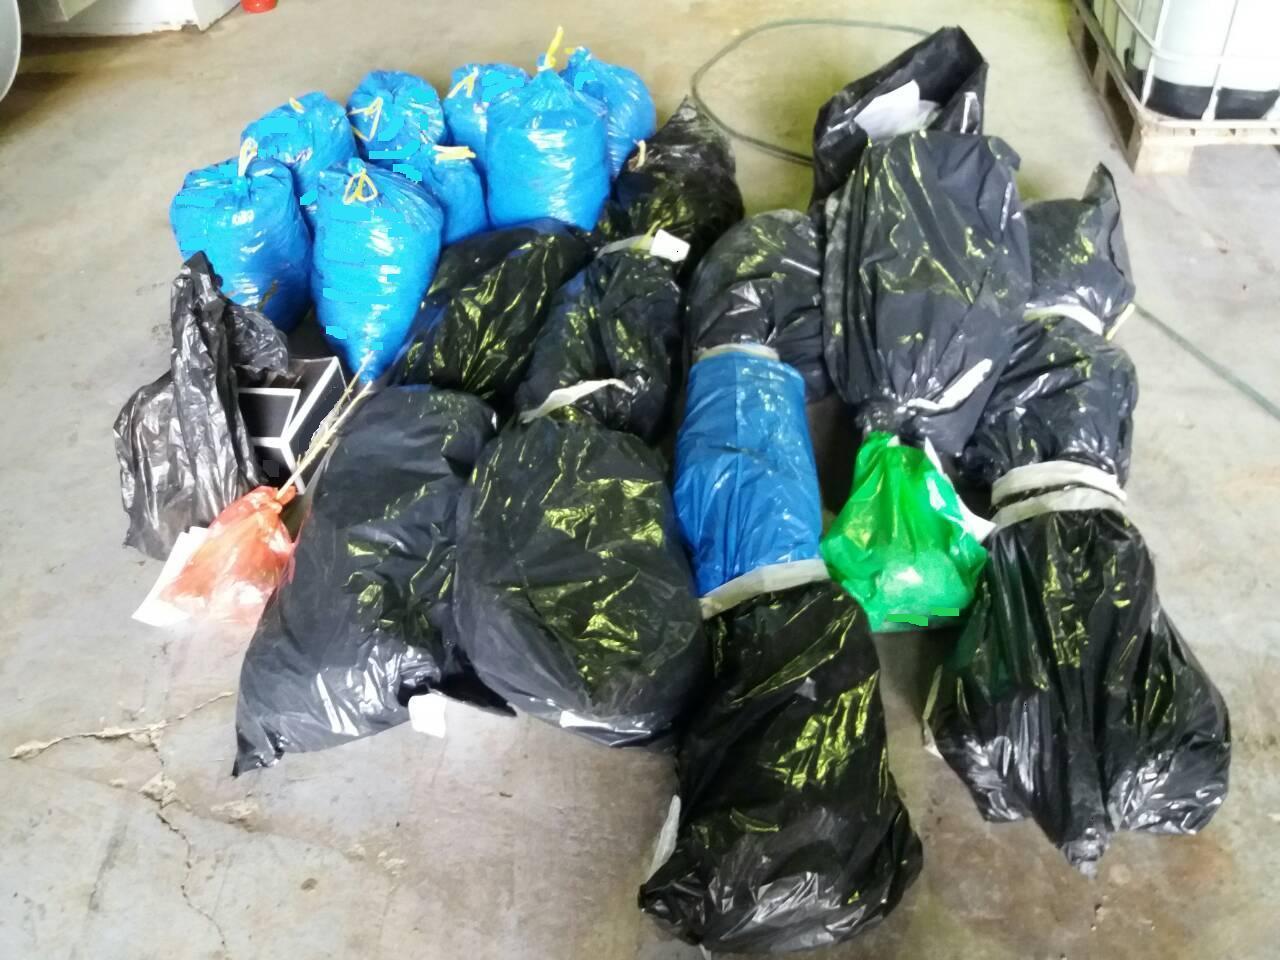 Καταστράφηκαν σε υψικάμινο εργοστασίου περιοχής των Γρεβενών ποσότητες ναρκωτικών ουσιών (Φωτογραφία)